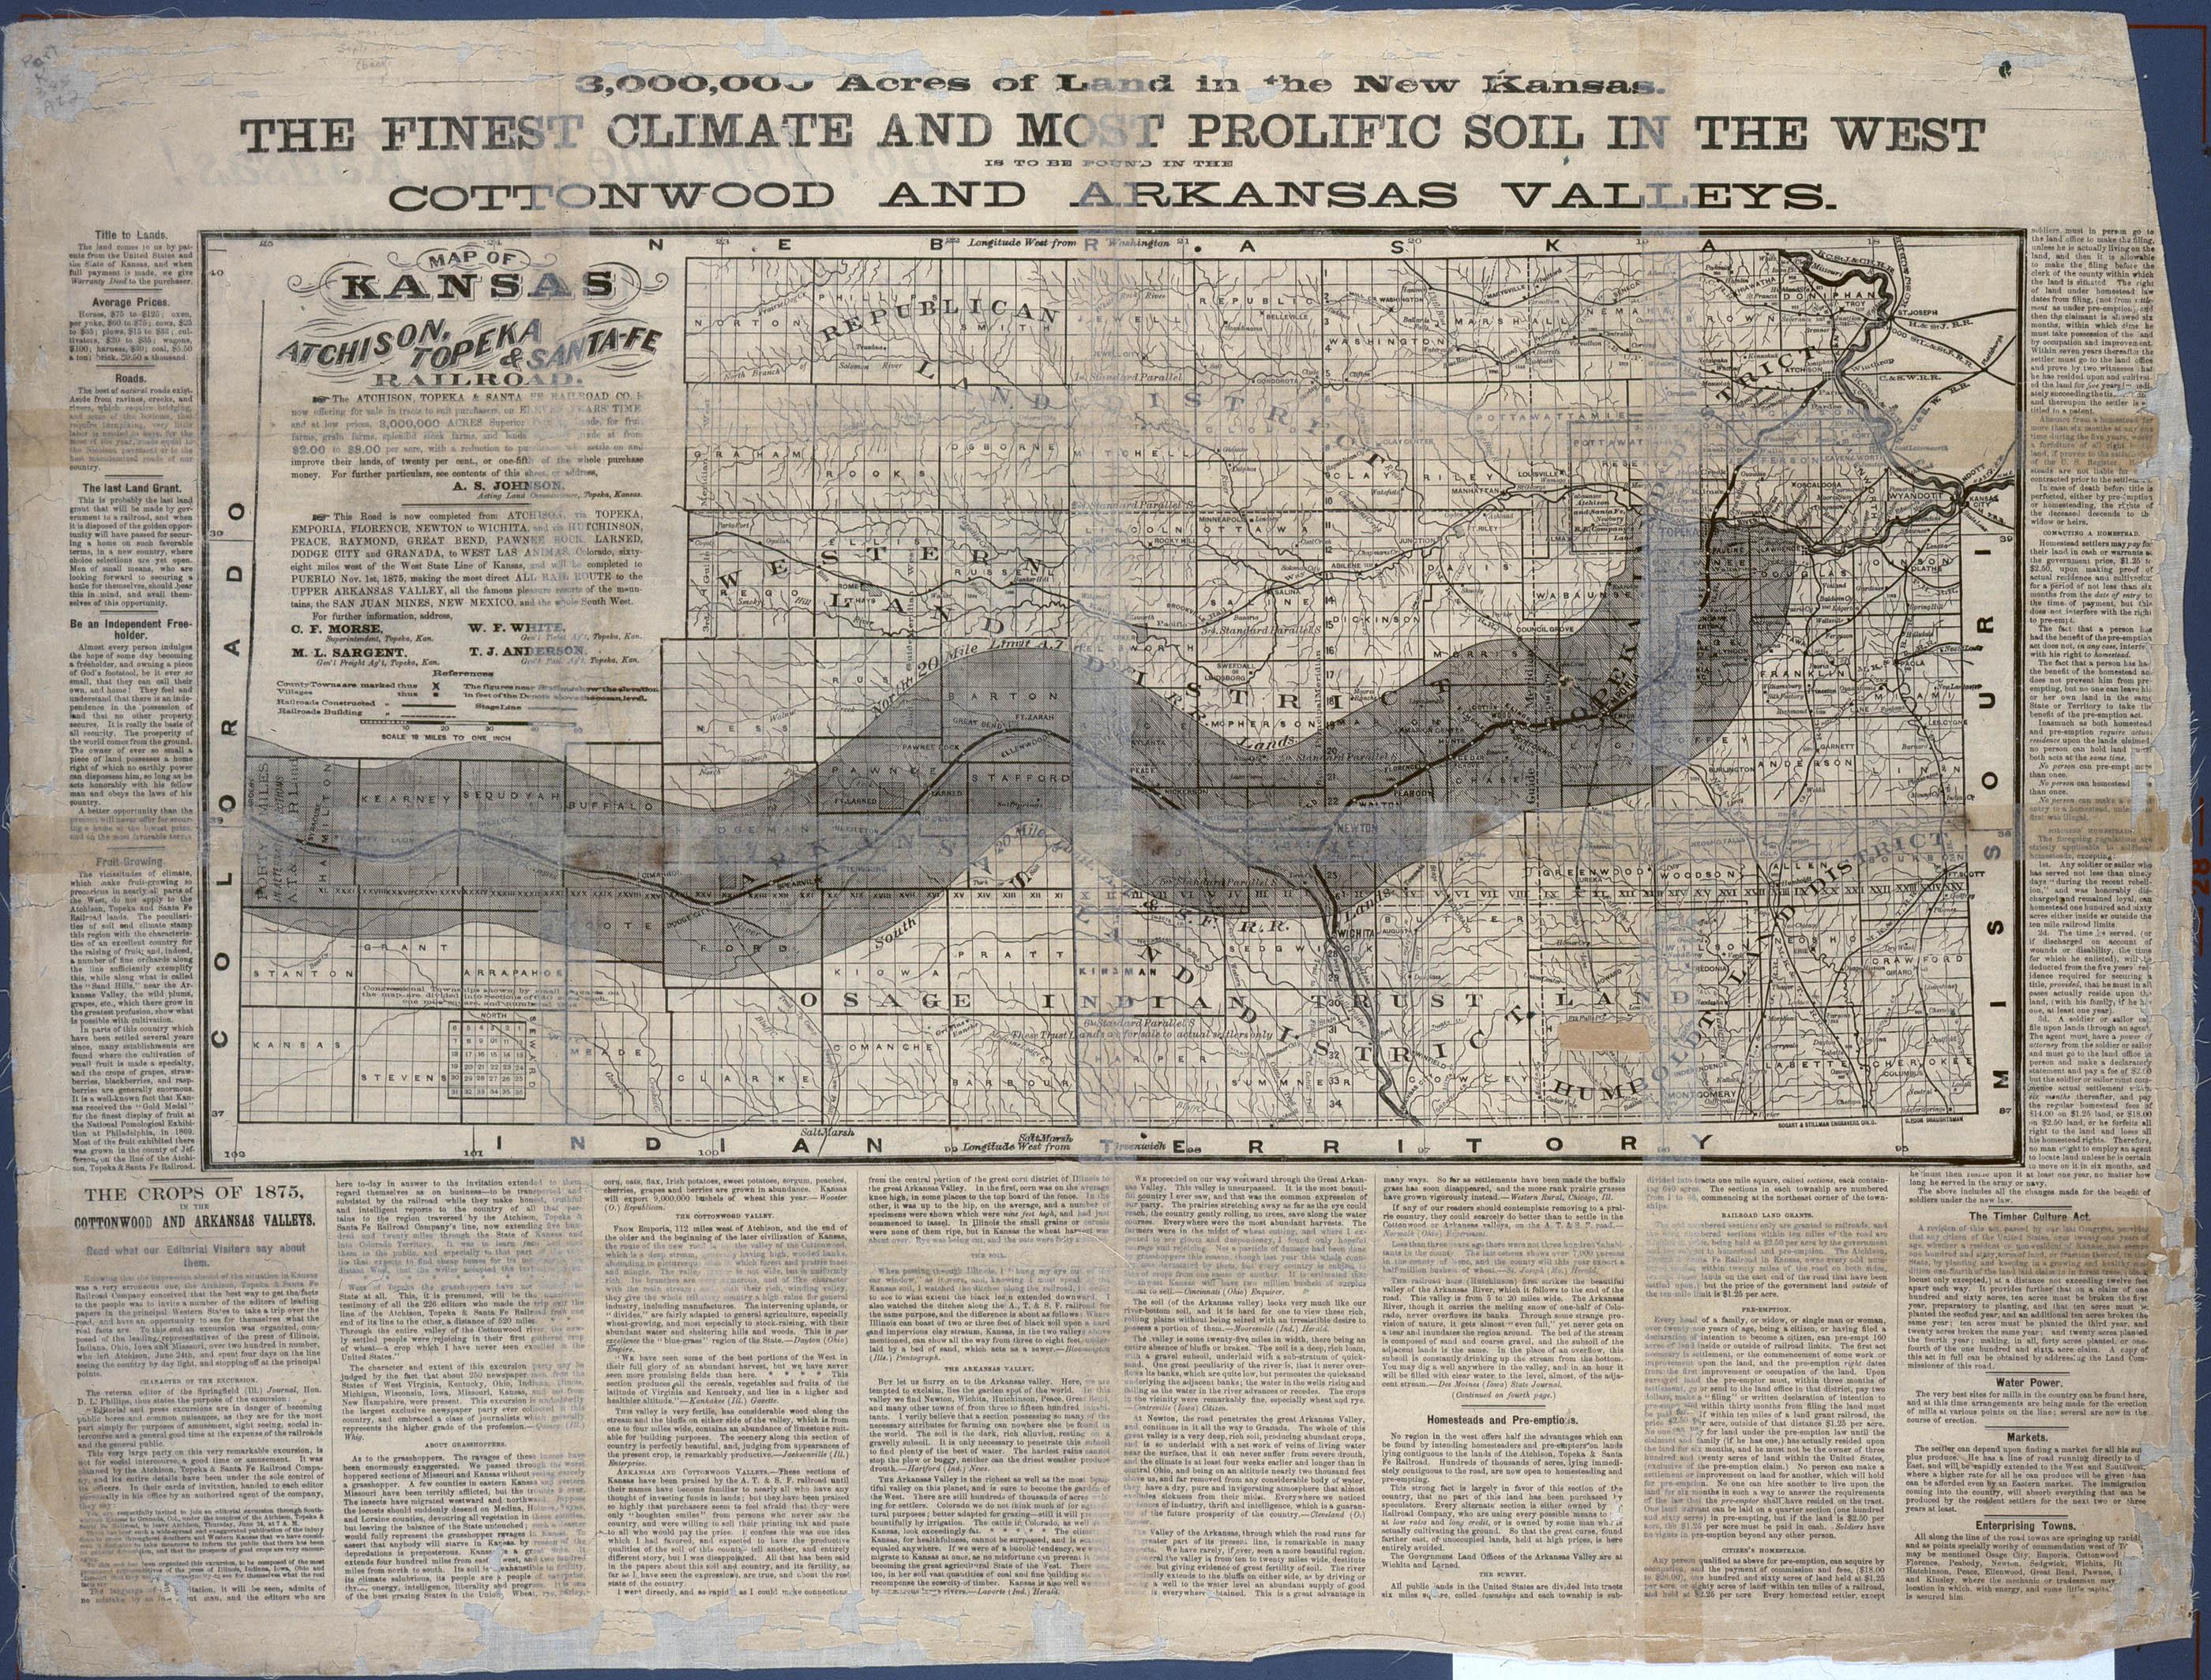 AT&SF Railroad map advertising land sales, 1875